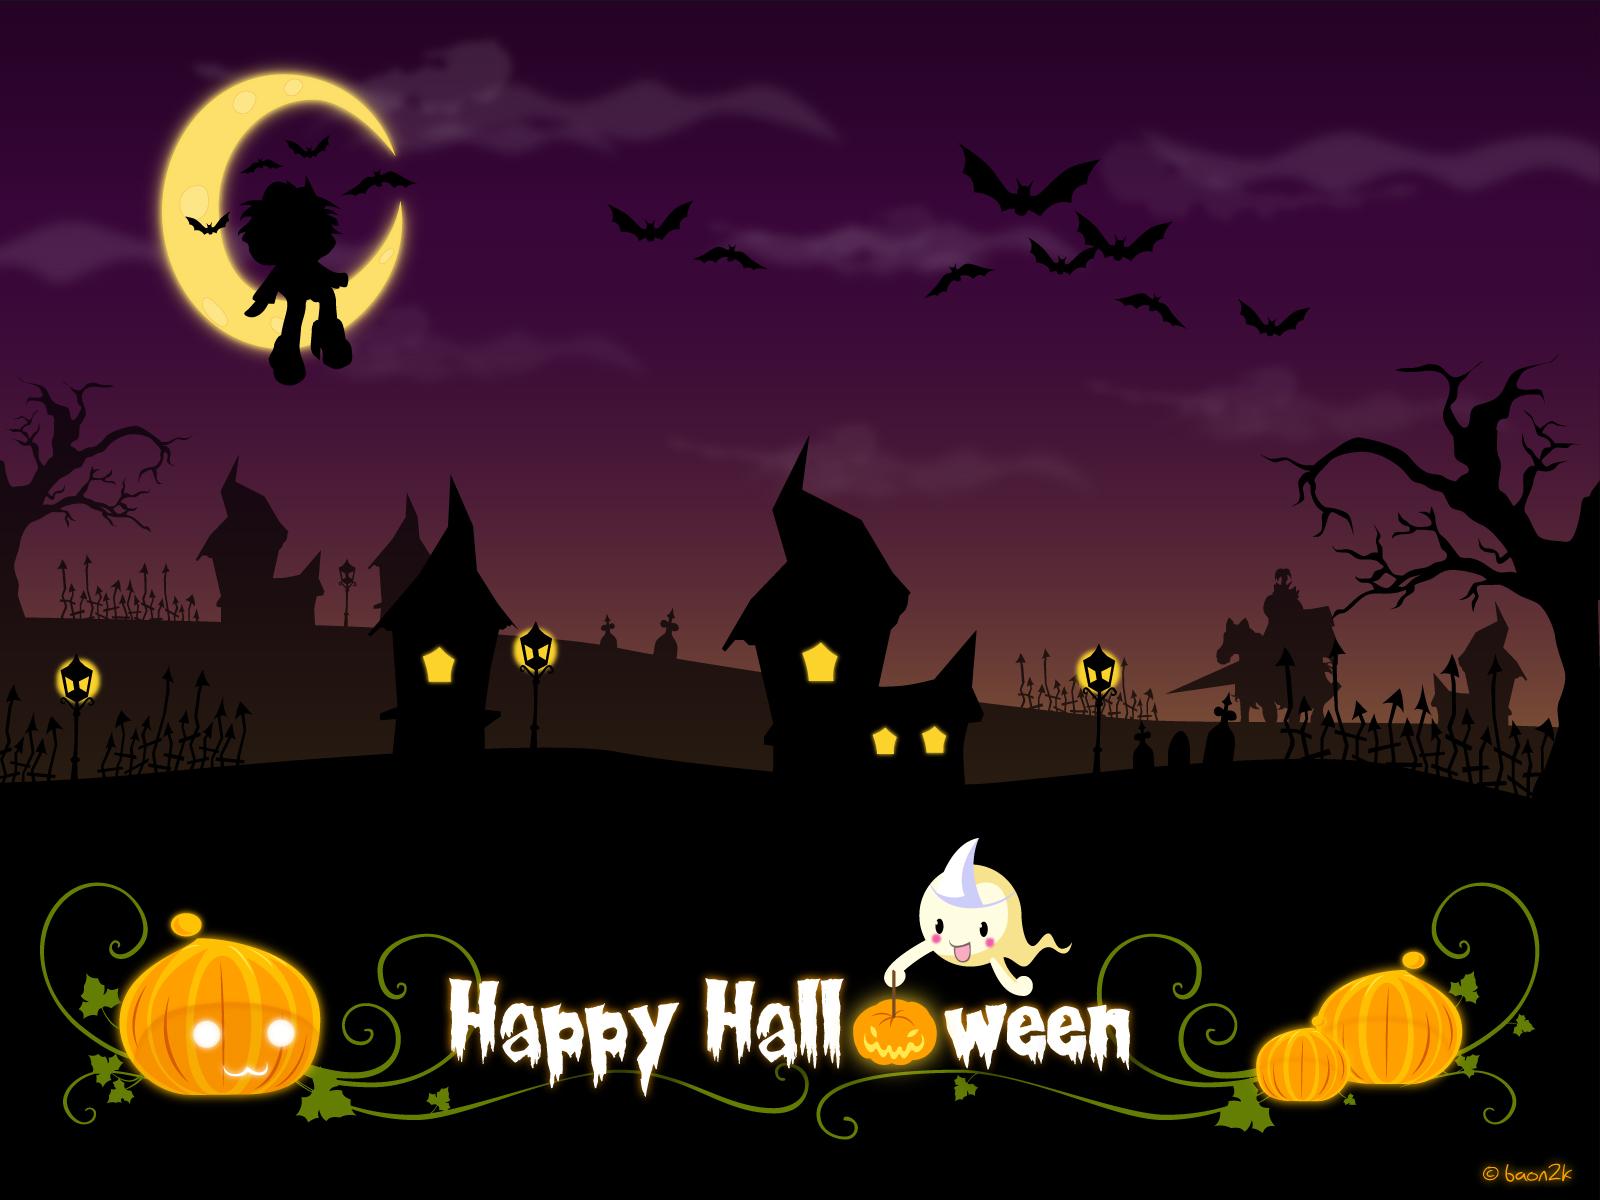 Free Cute Halloween Wallpaper - WallpaperSafari